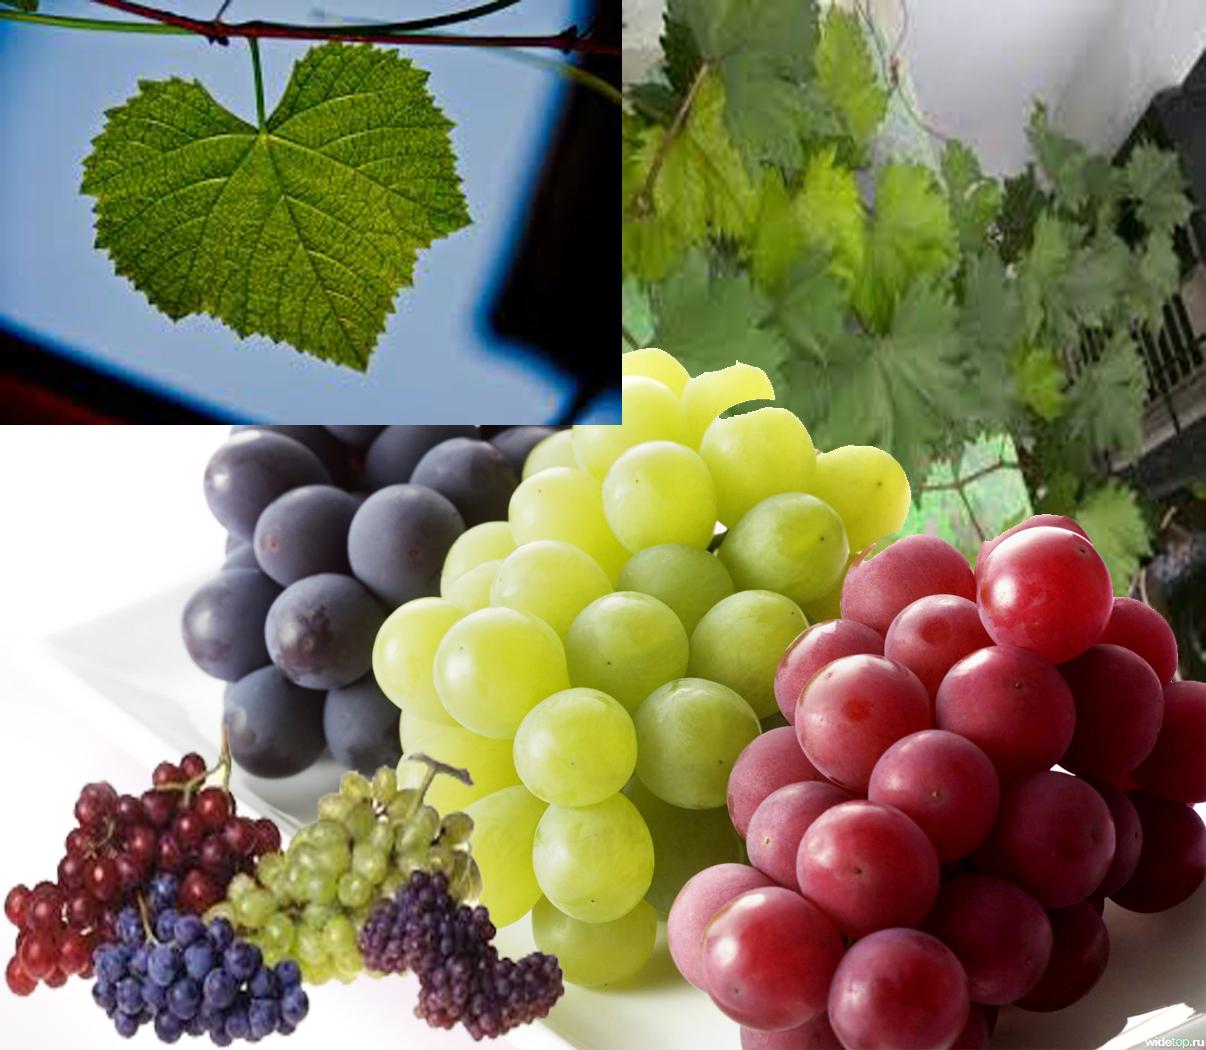 Manfaat Daun Anggur Untuk Pengobatan